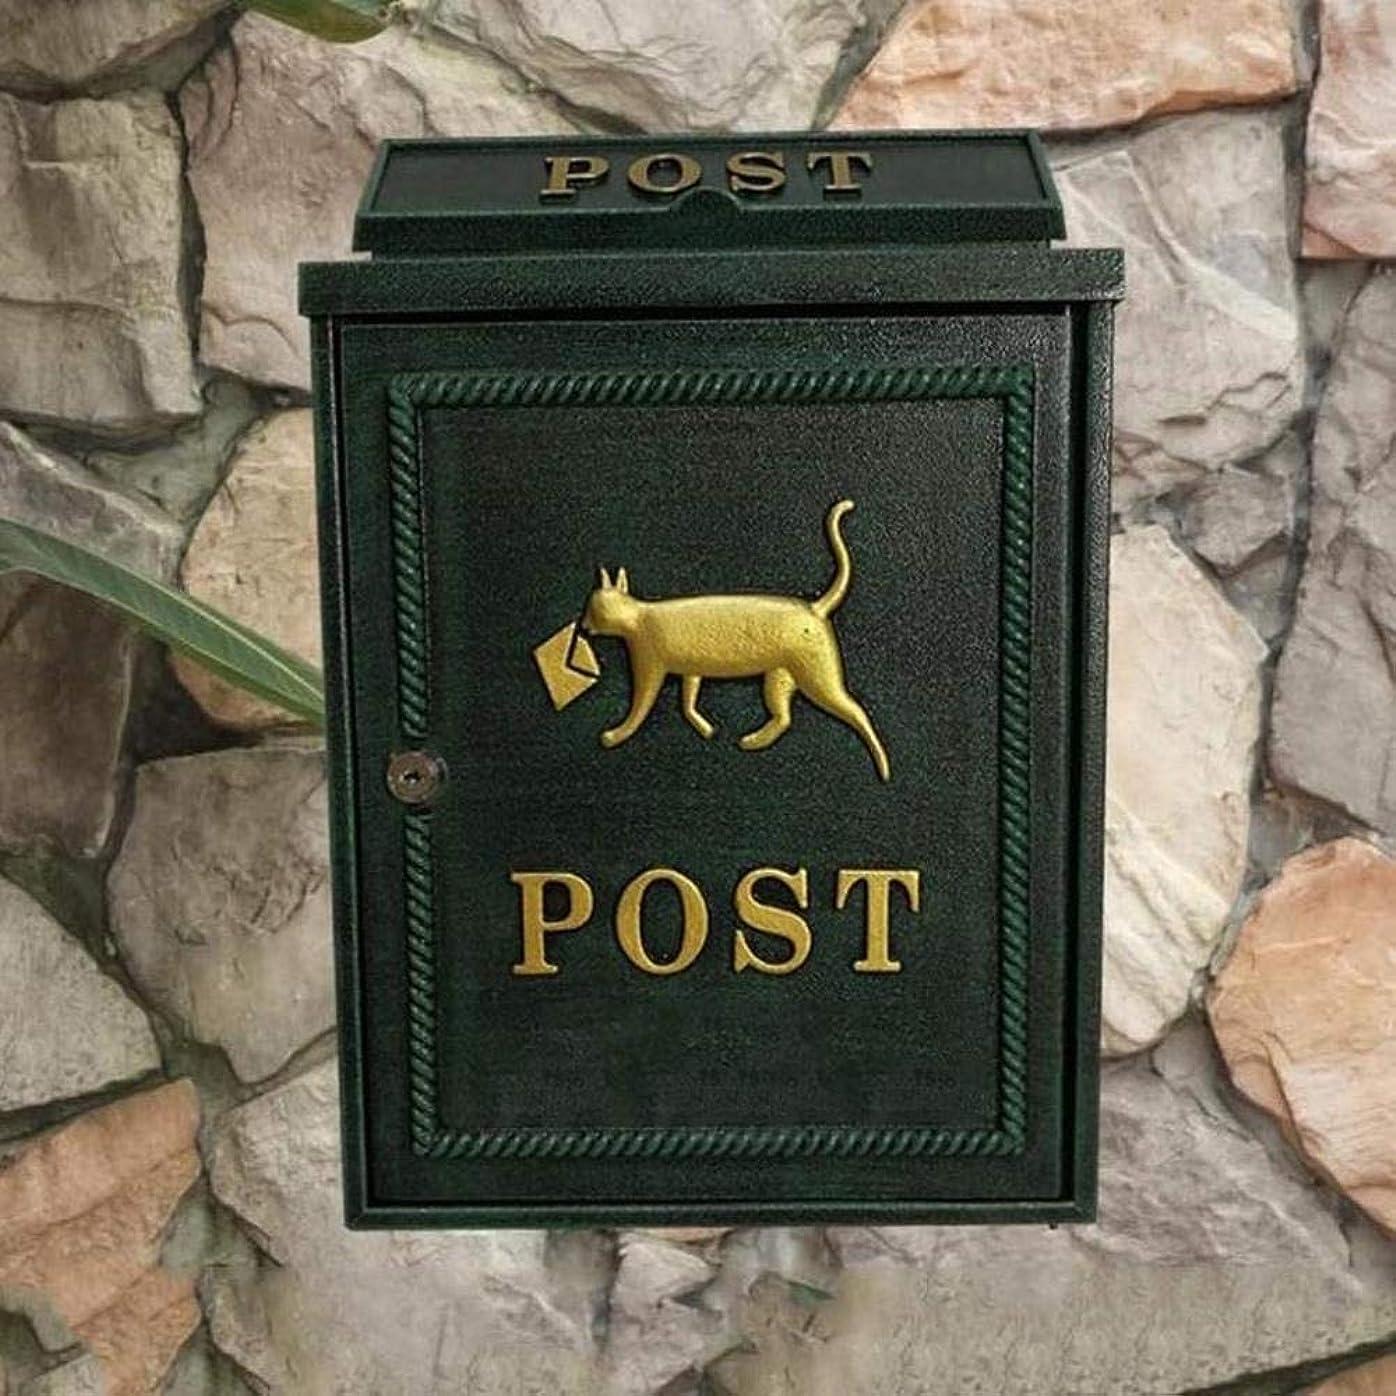 征服時制ブレースメールボックスのメールボックスのコミュニティレターボックスメールボックスヴィラメールボックスの受信トレイのメールボックスをウォールマウント (Color : B)